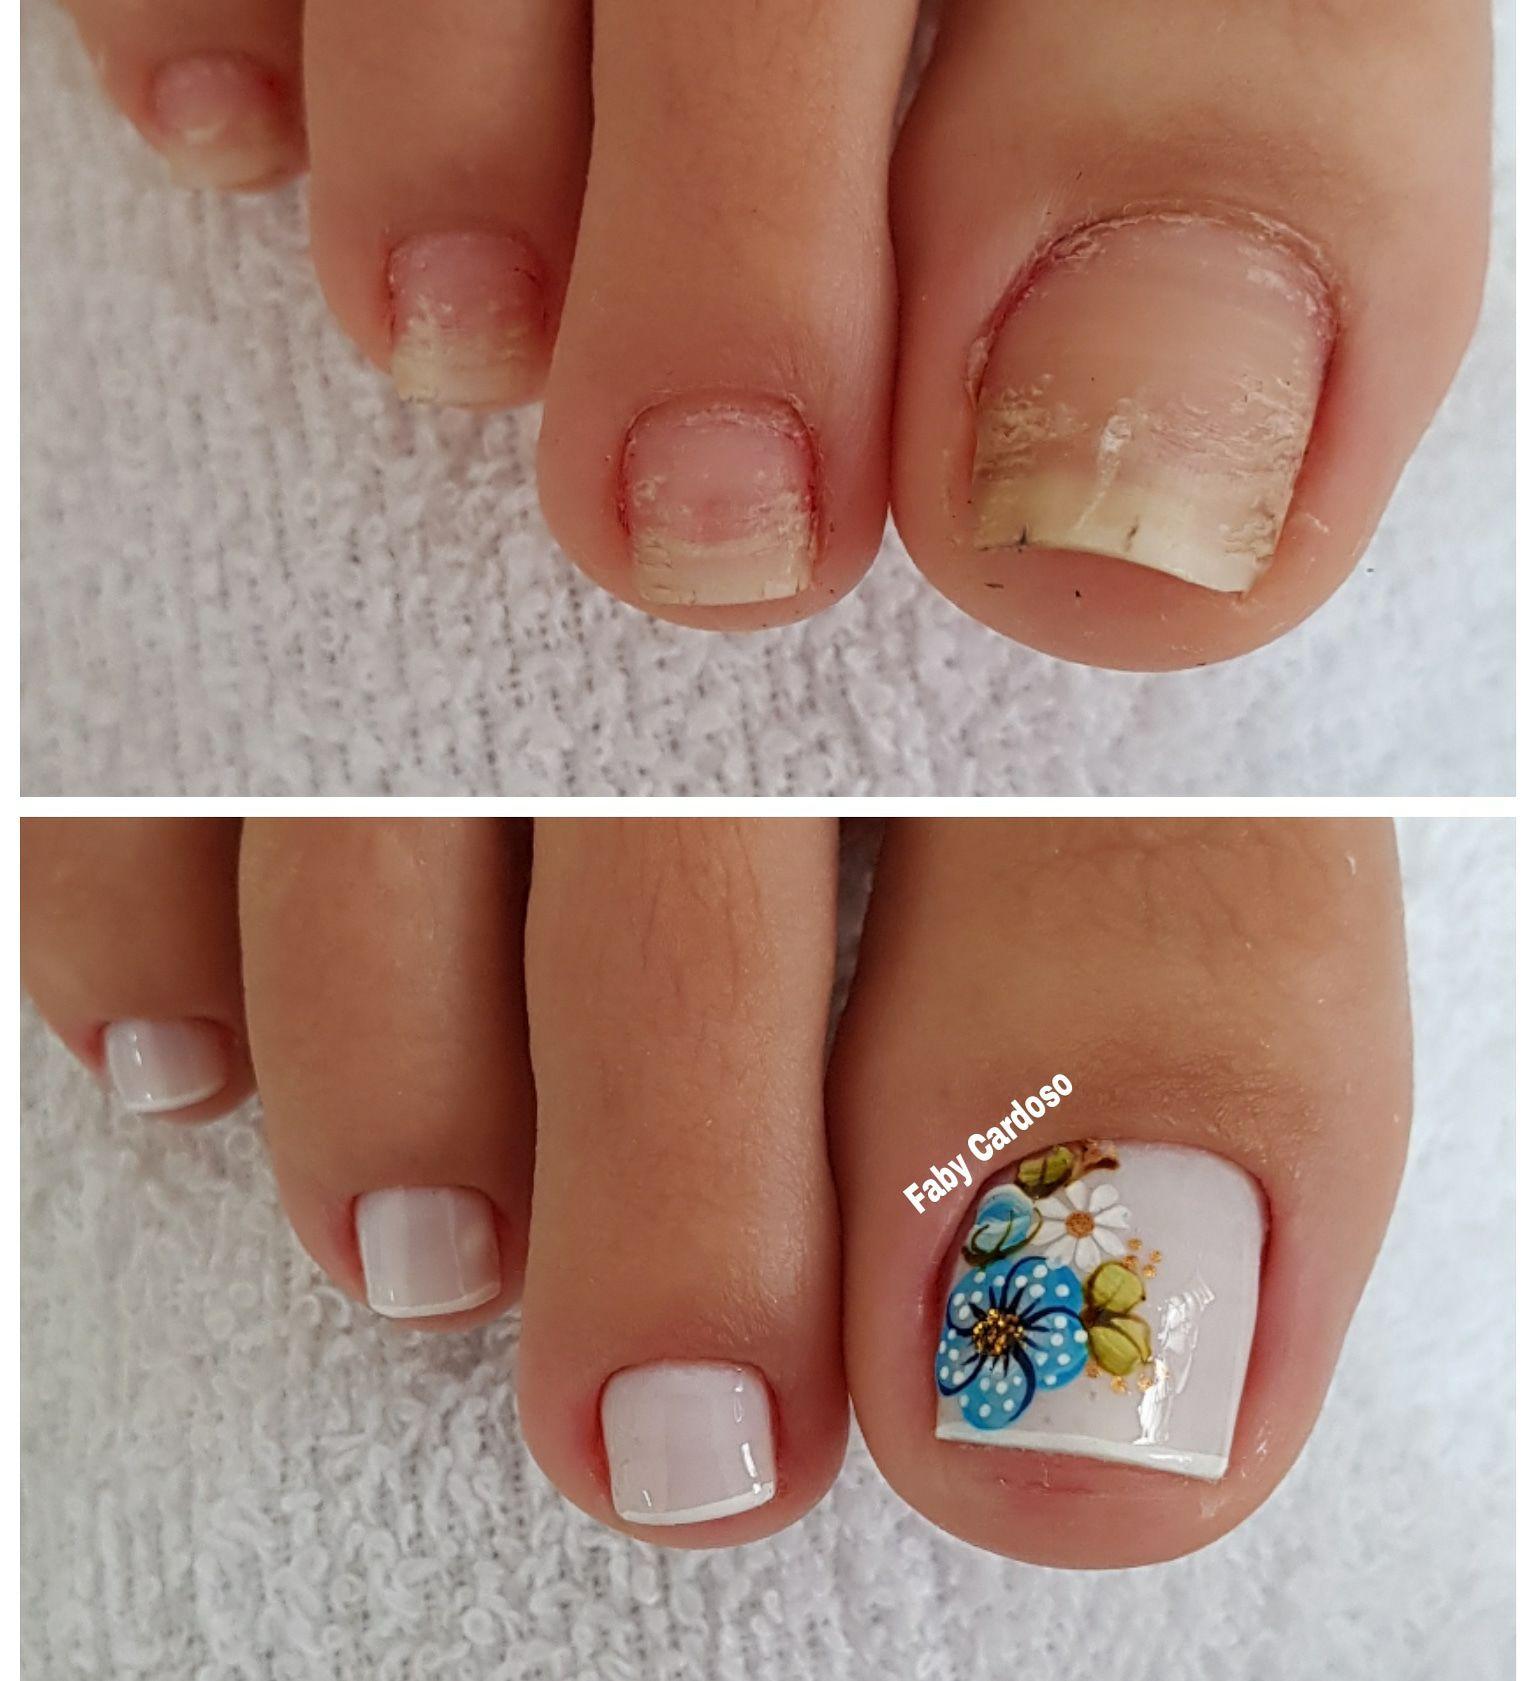 Unhas dos pés com cores e eamaltes perfeitos2.4